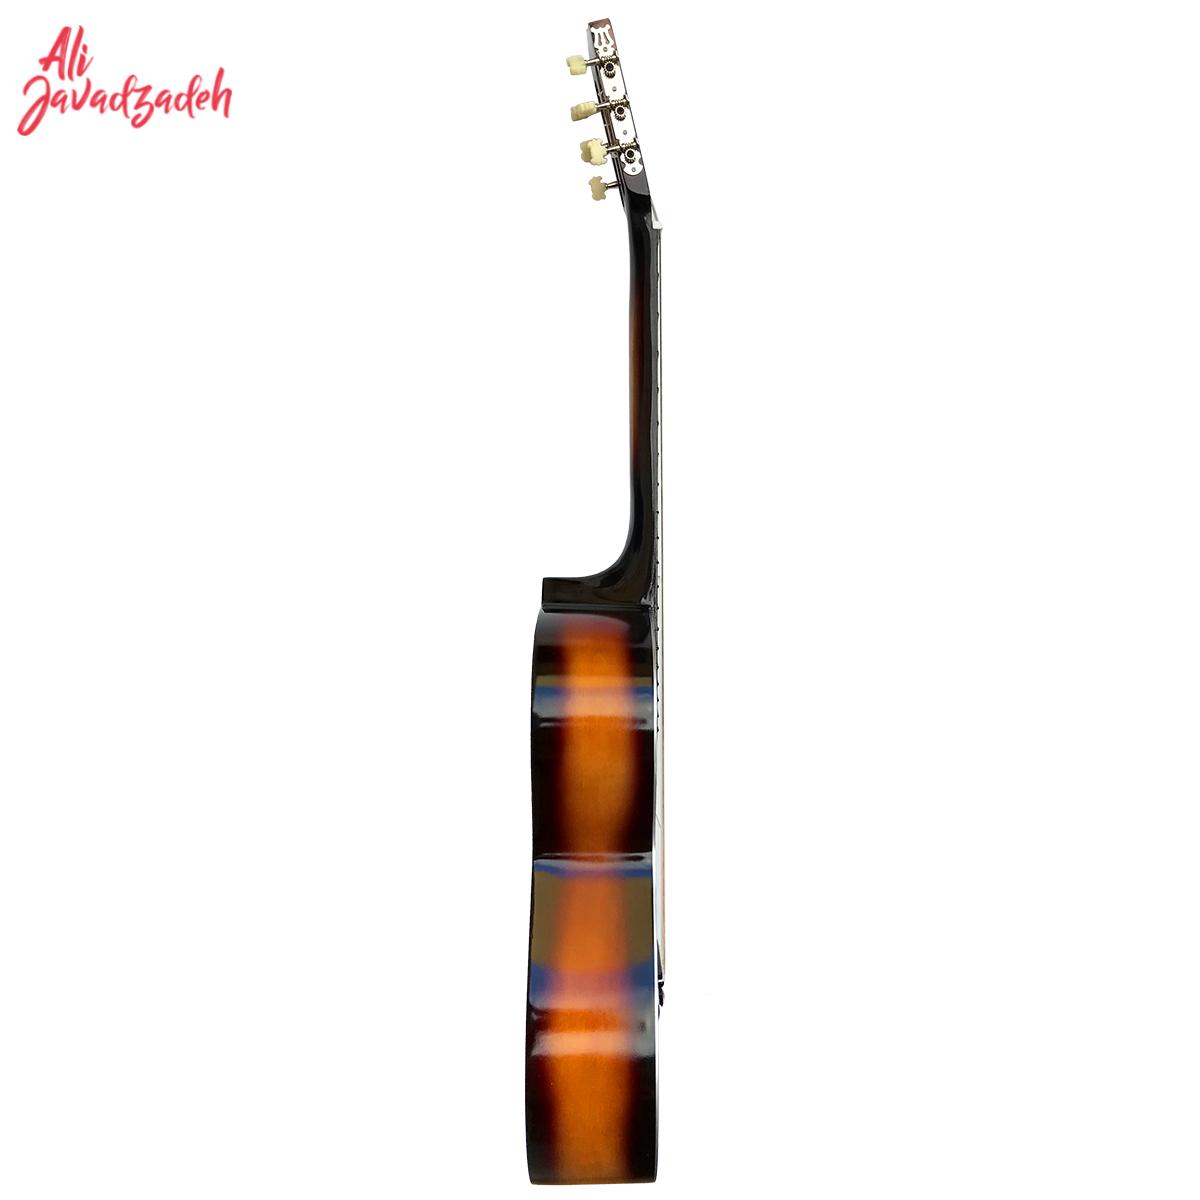 گیتار کلاسیک علی جوادزاده مدل 1C-18